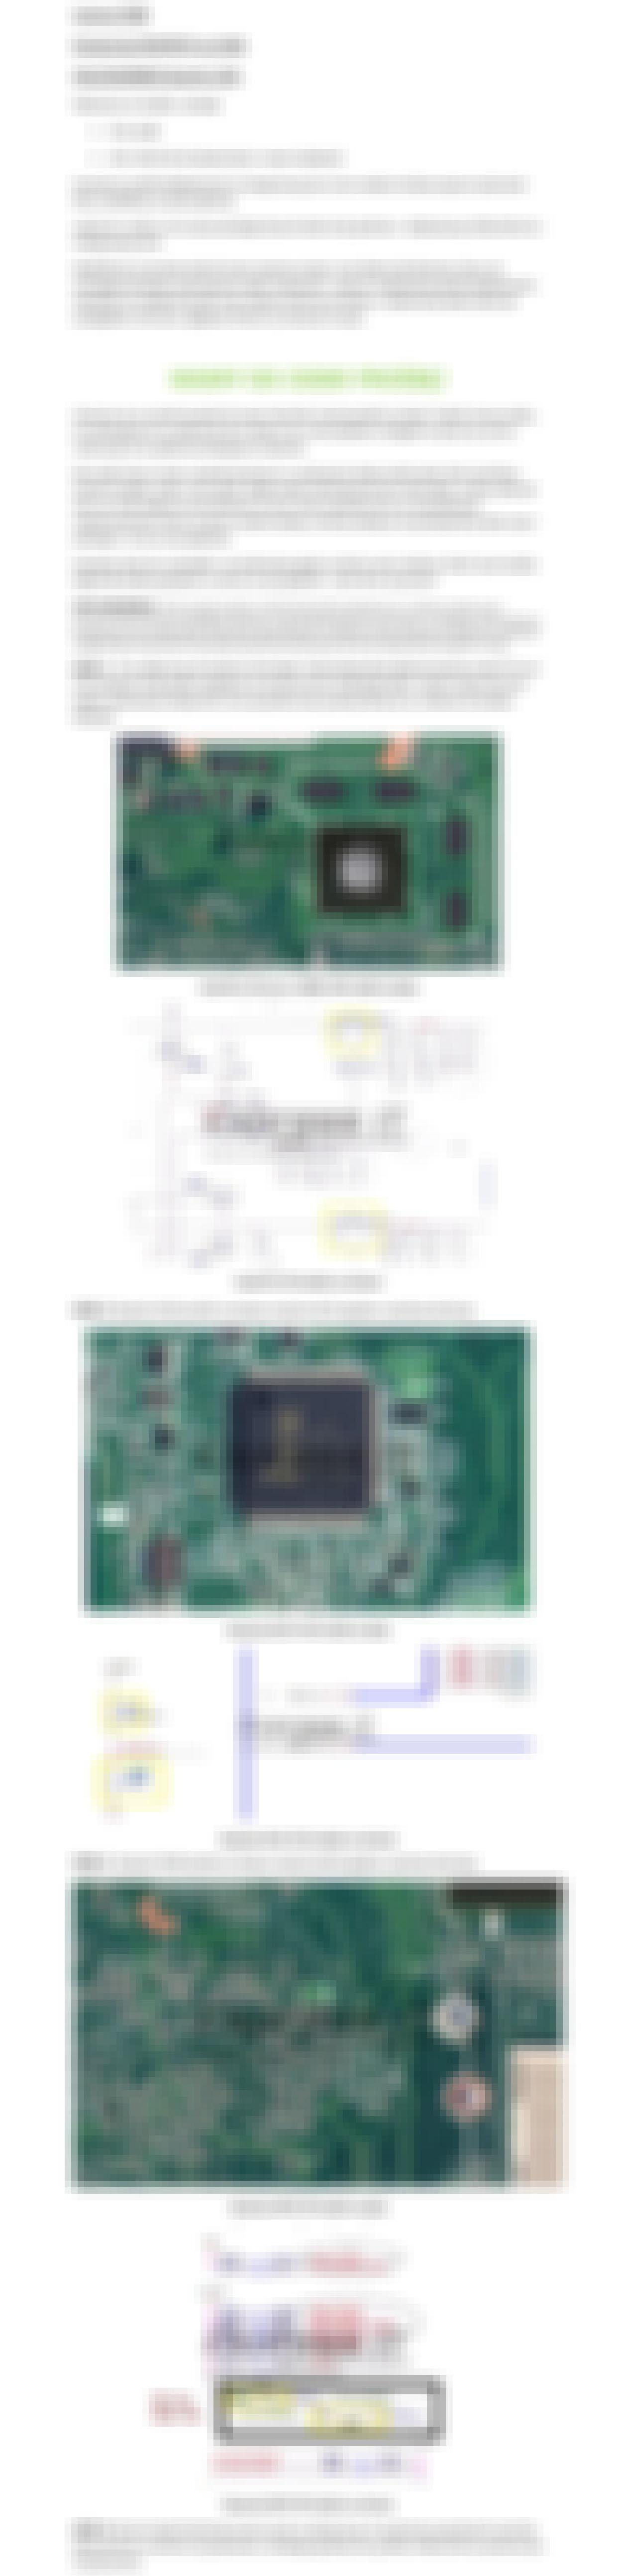 lenovo-z580-konwersja-discrete-na-uma-dalz3amb8e0-quanta-lz3a1-demo